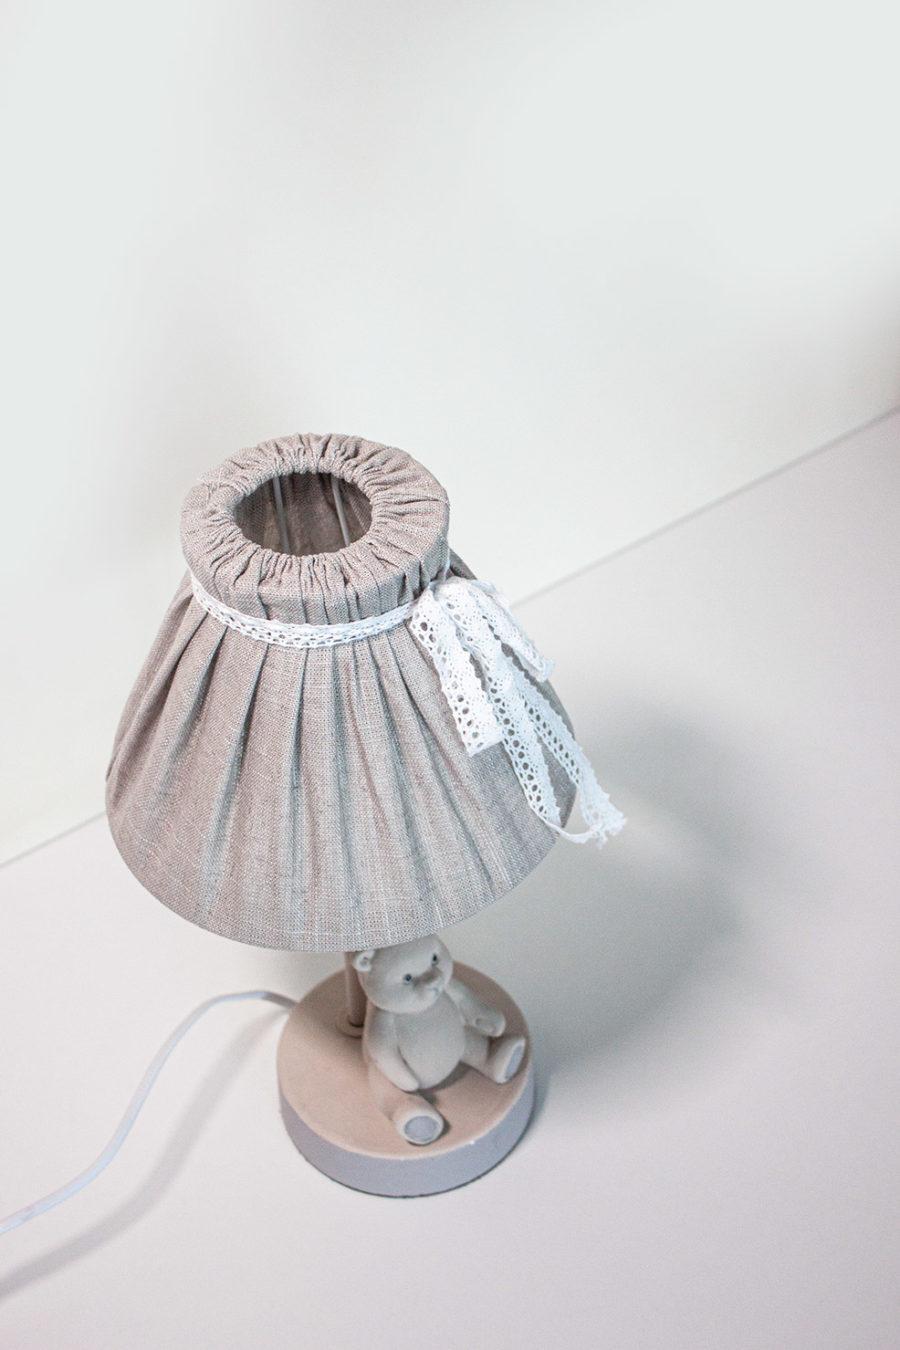 lampada-da-tavolo-conorsetto-paralume-in-stoffa-fiocco-bianco-colore-beige-stile-shabby_amb04